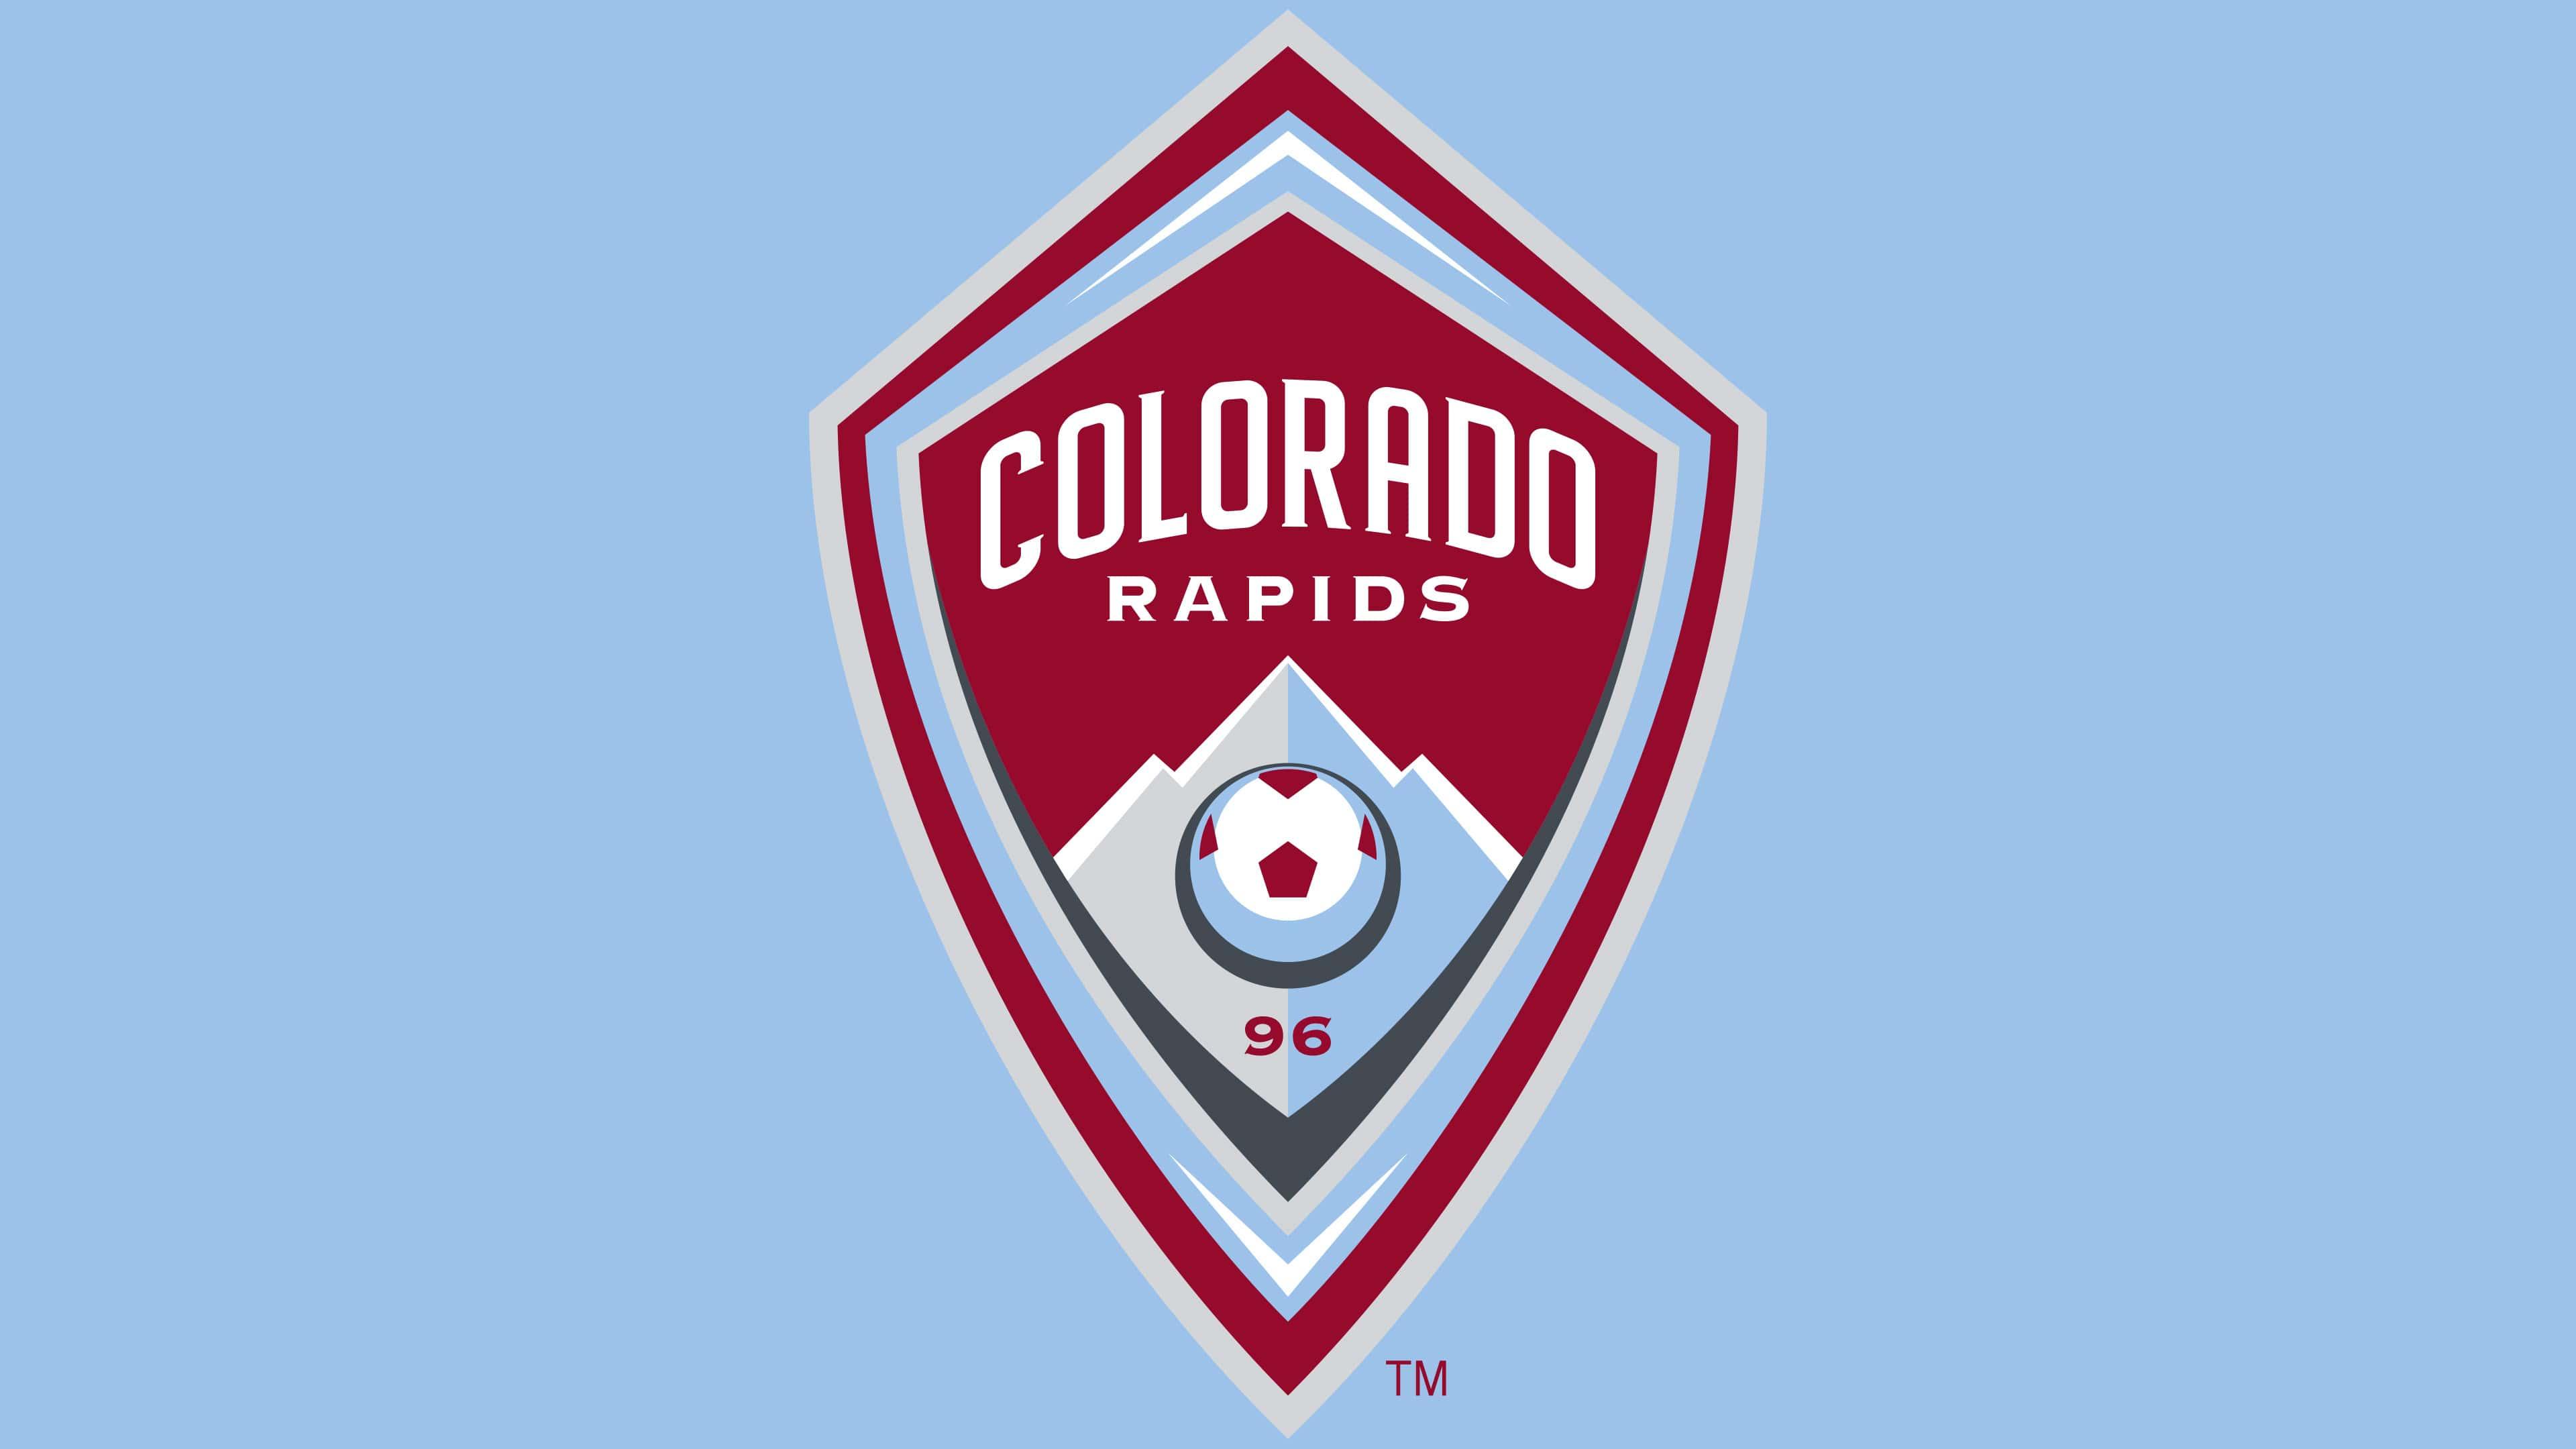 Colorado Rapids Logos.